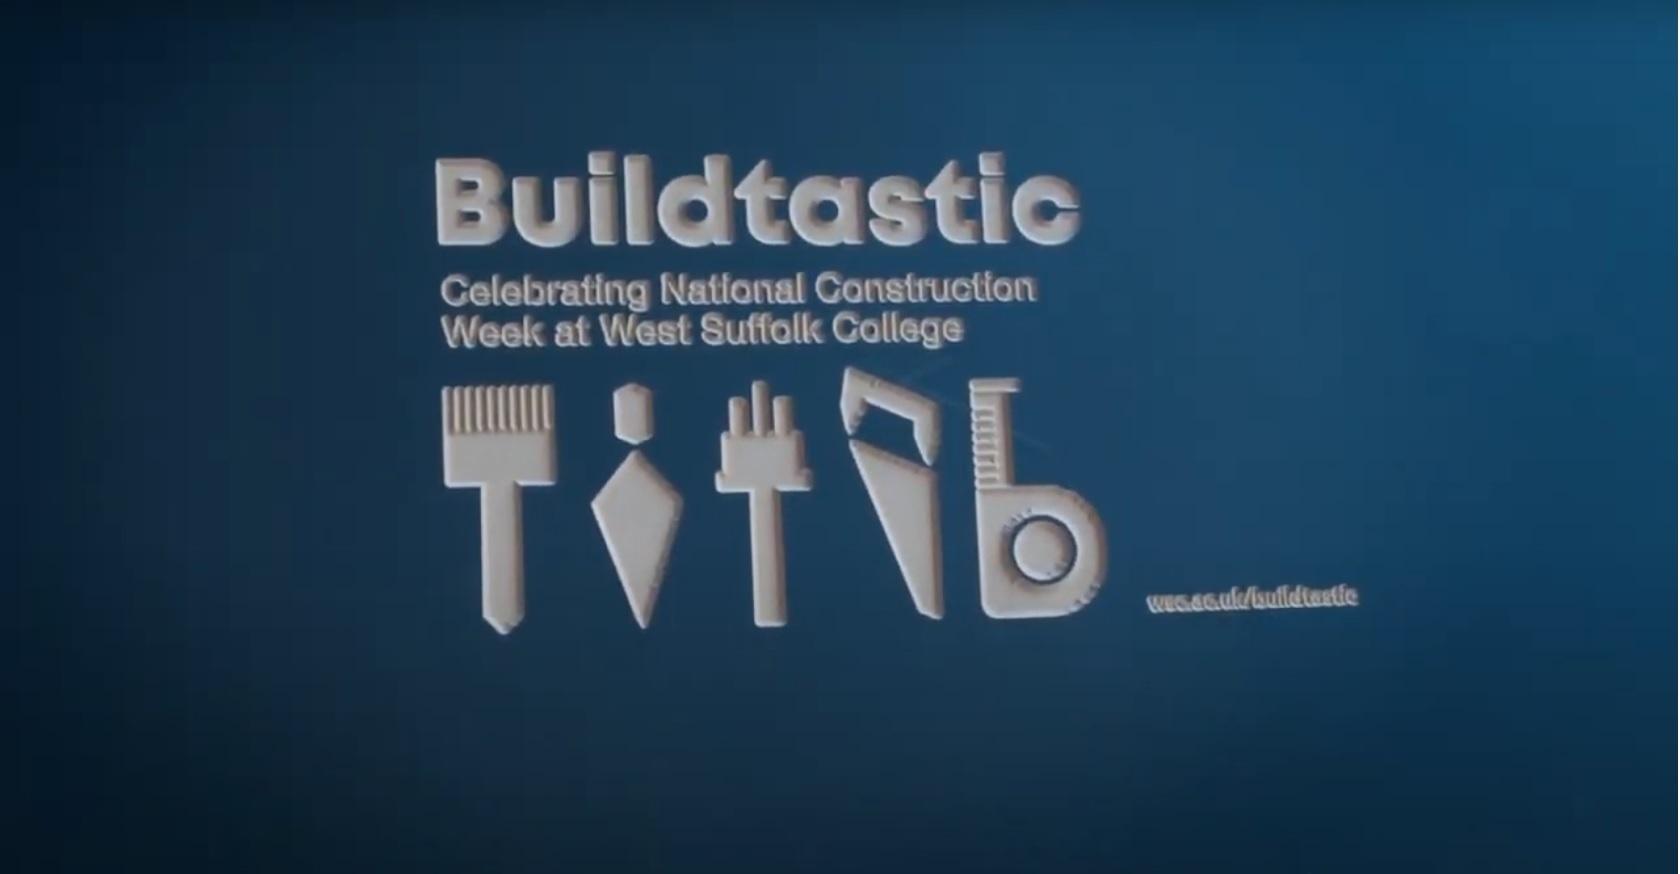 Timelapse CNC cut out of BUILDtastic Logo